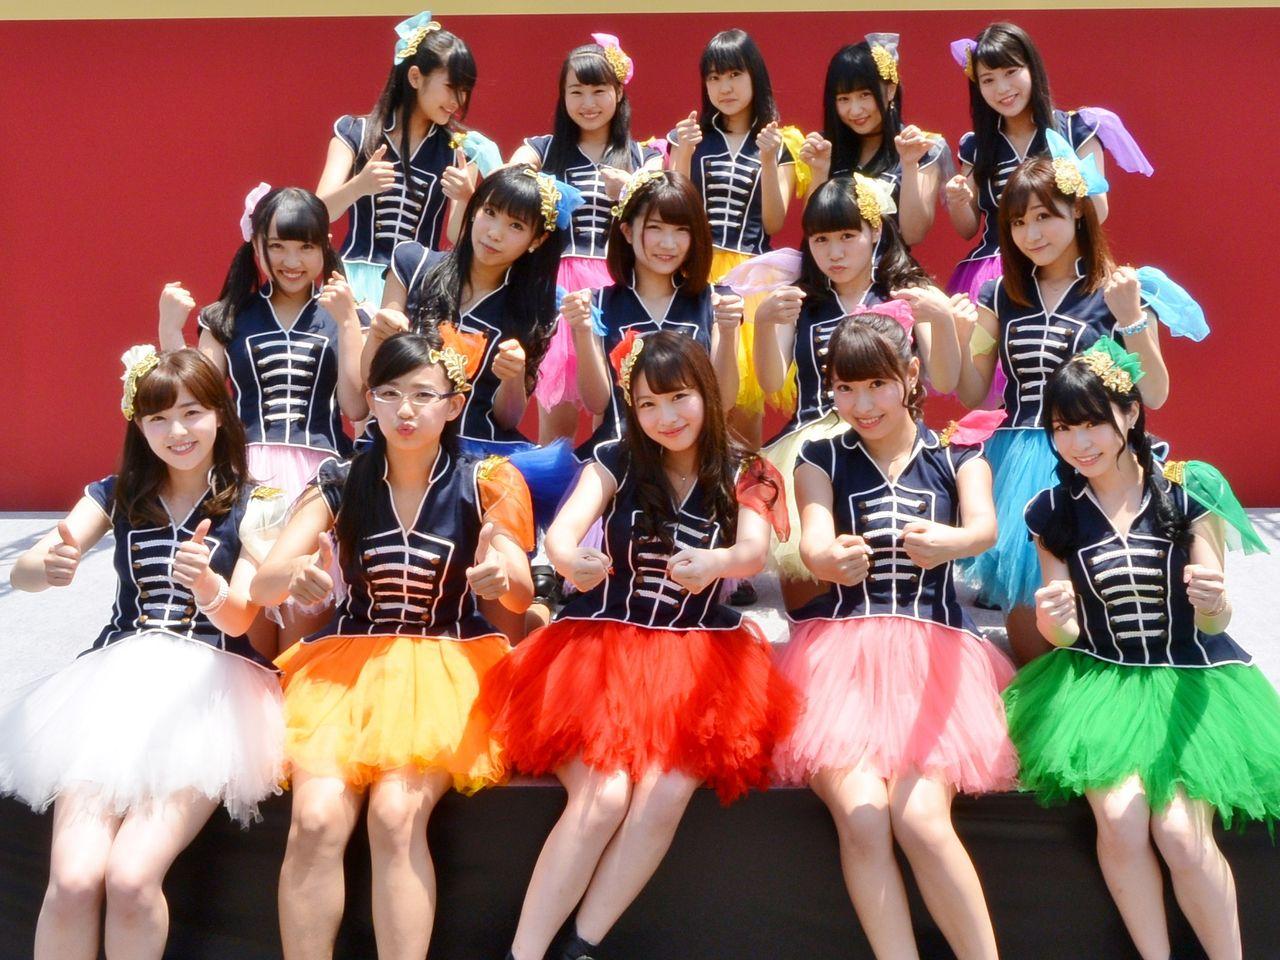 ニコニコ ライブ 名古屋 競輪